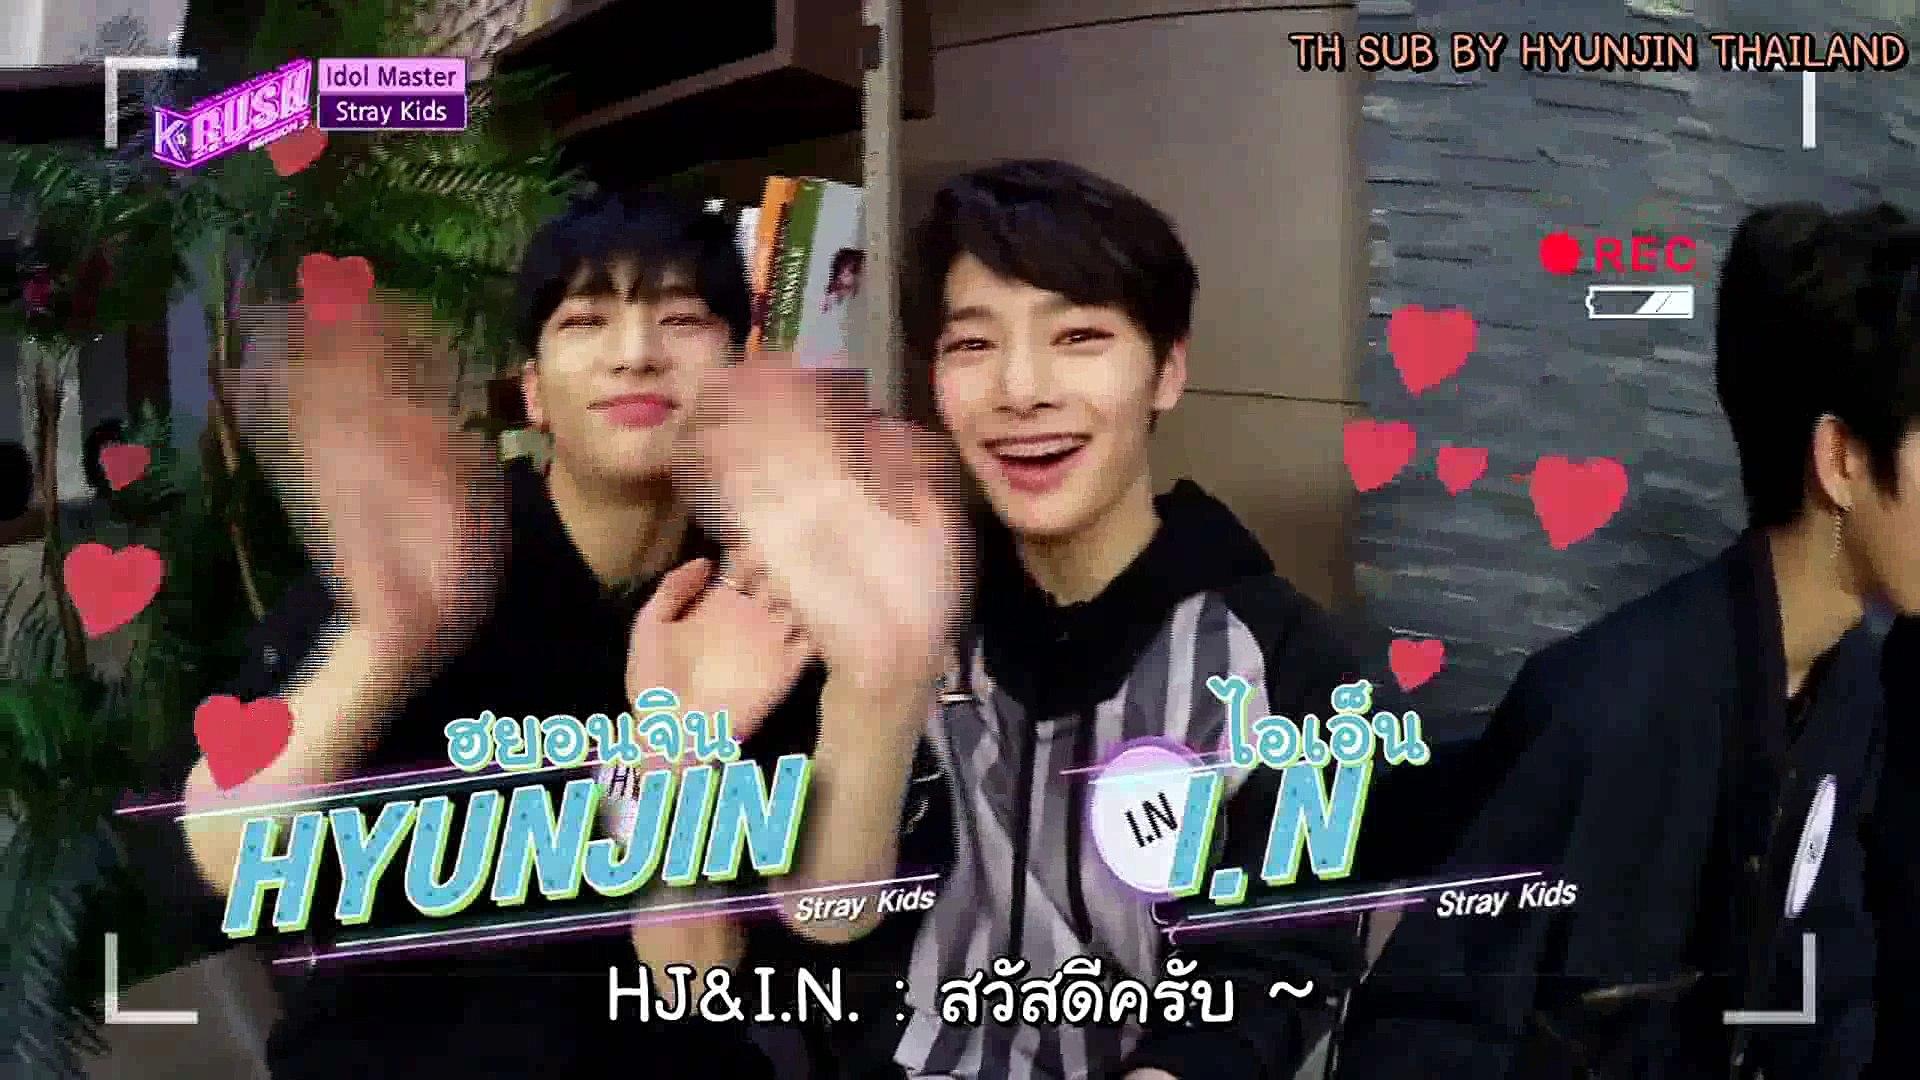 (THAISUB) Idol Show K-RUSH3 Idol Master - Stray Kids